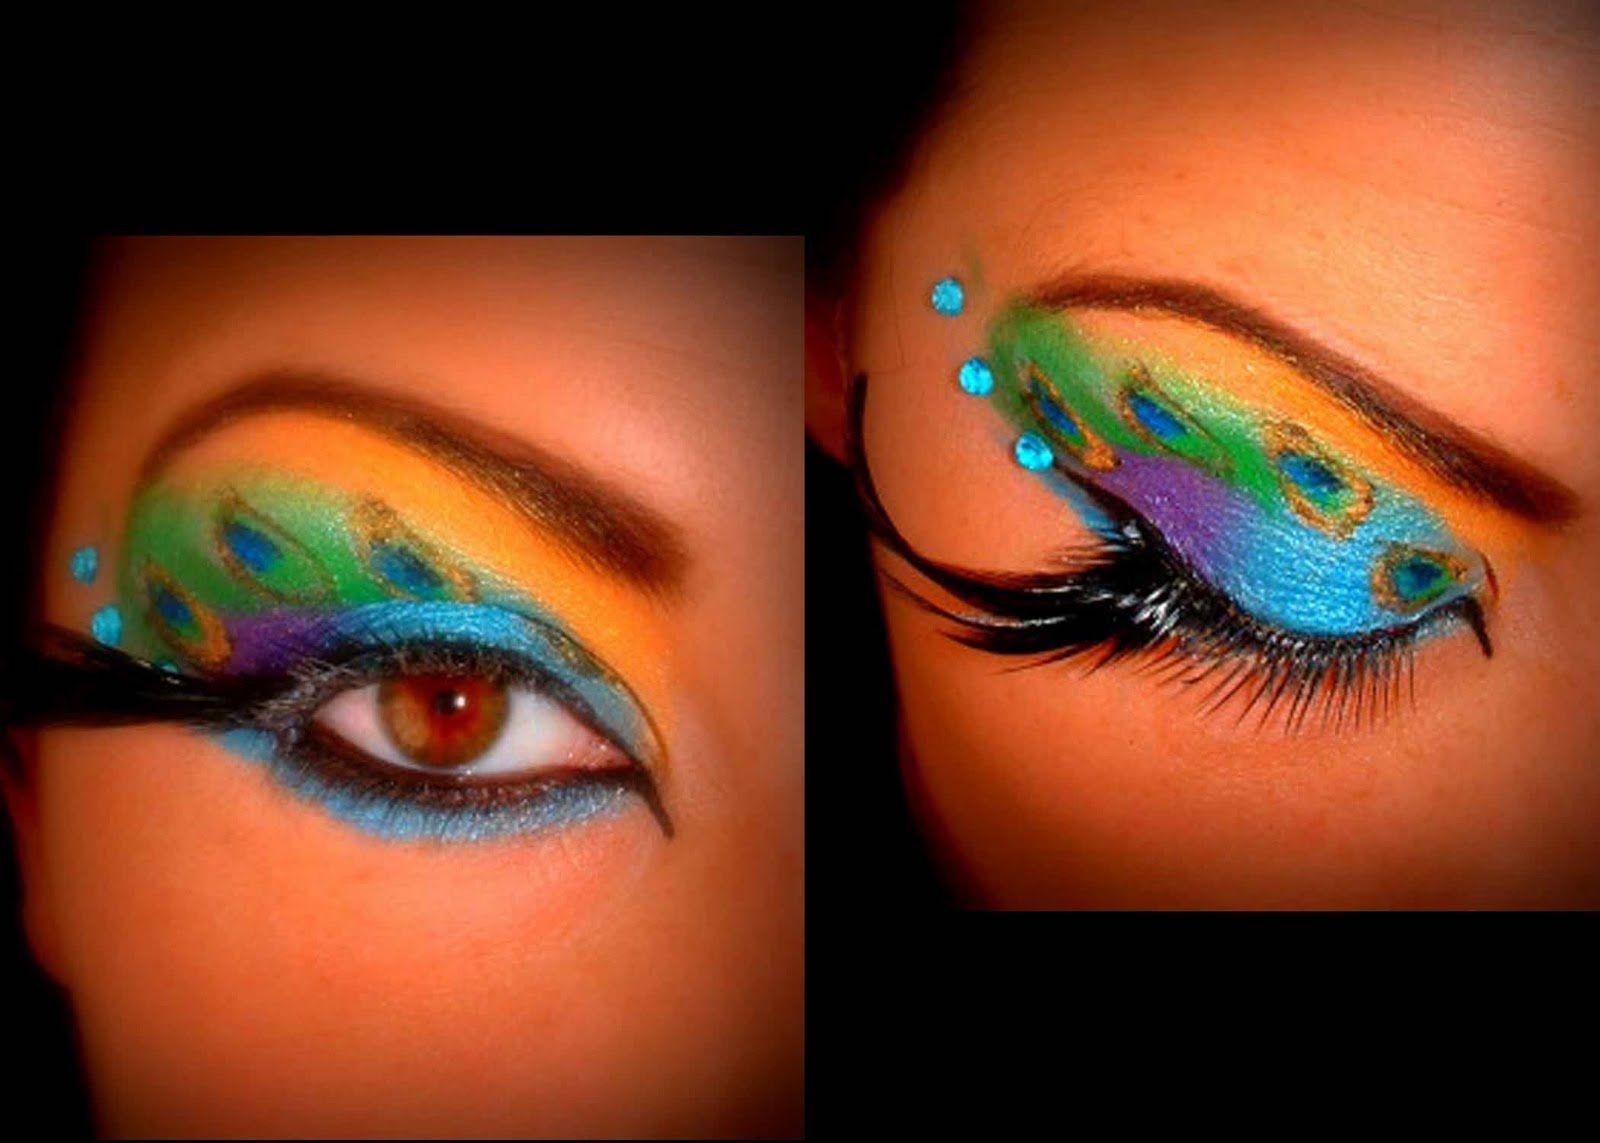 peacock eye makeup   beauty   pinterest   peacock eye makeup